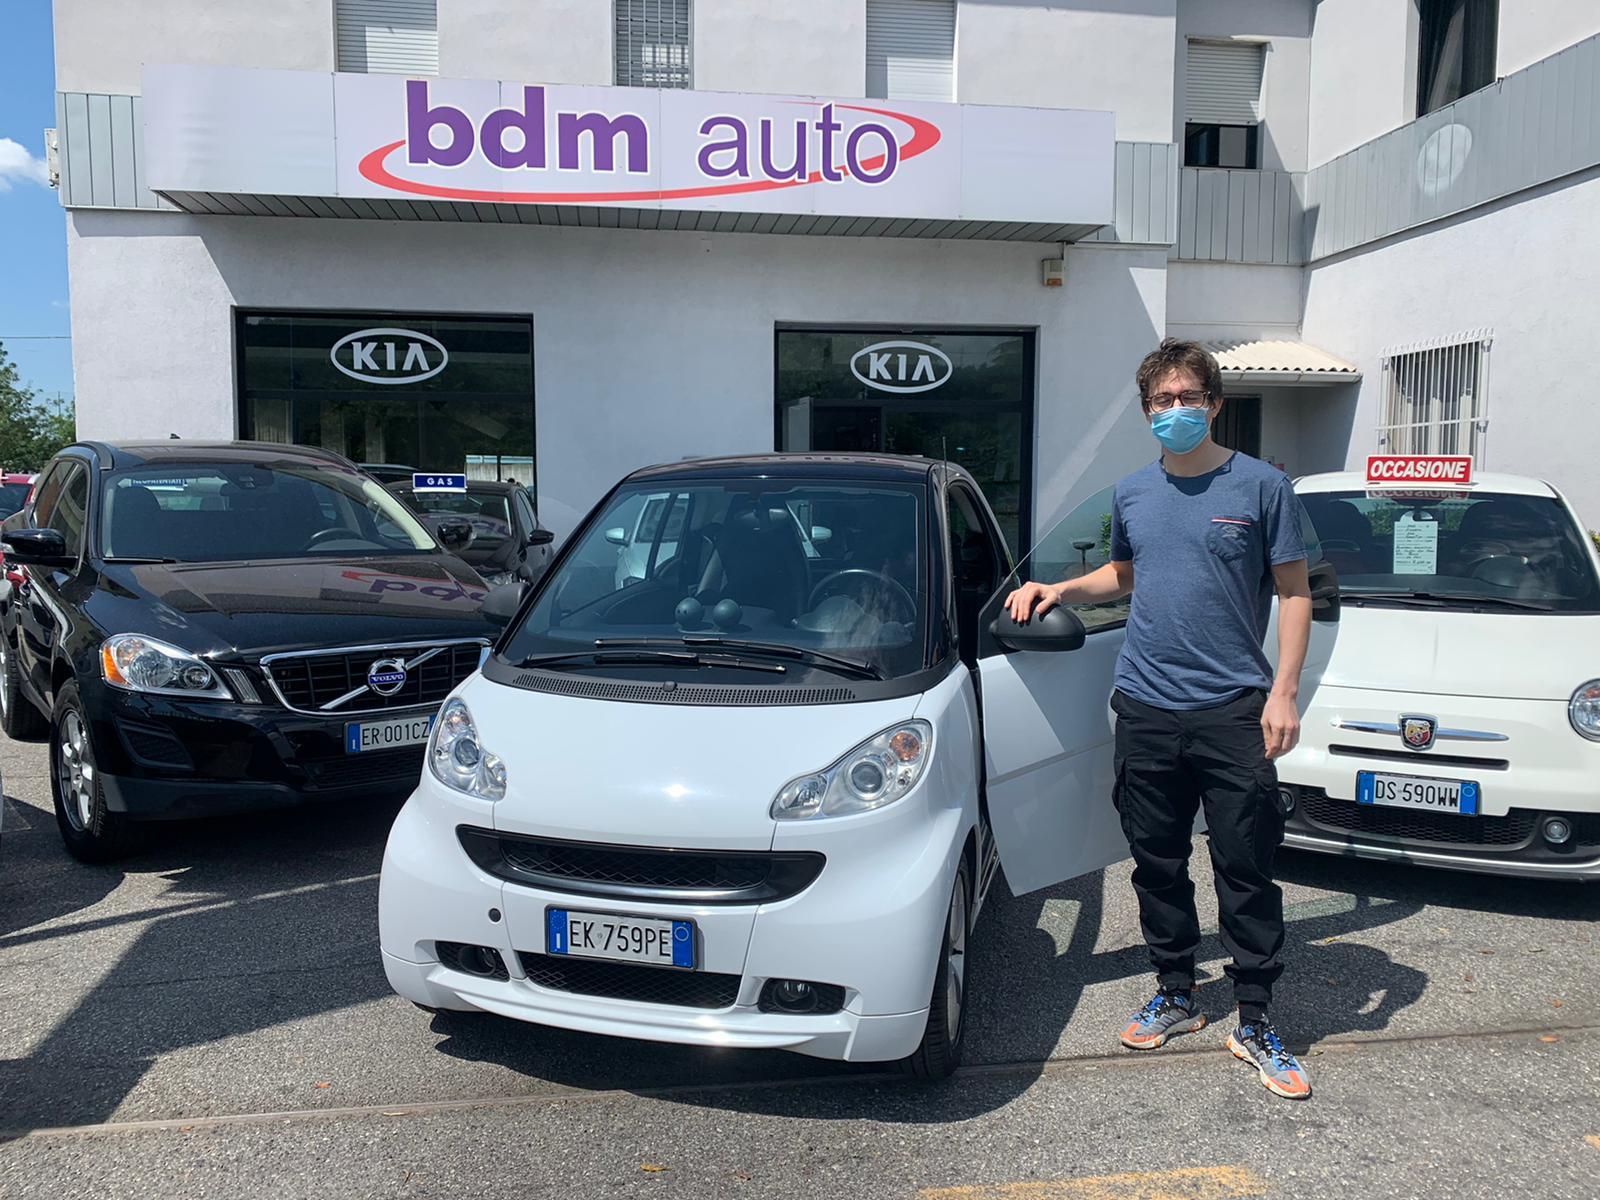 Recensioni dei clienti - BDM auto - Automobili usate a Brescia